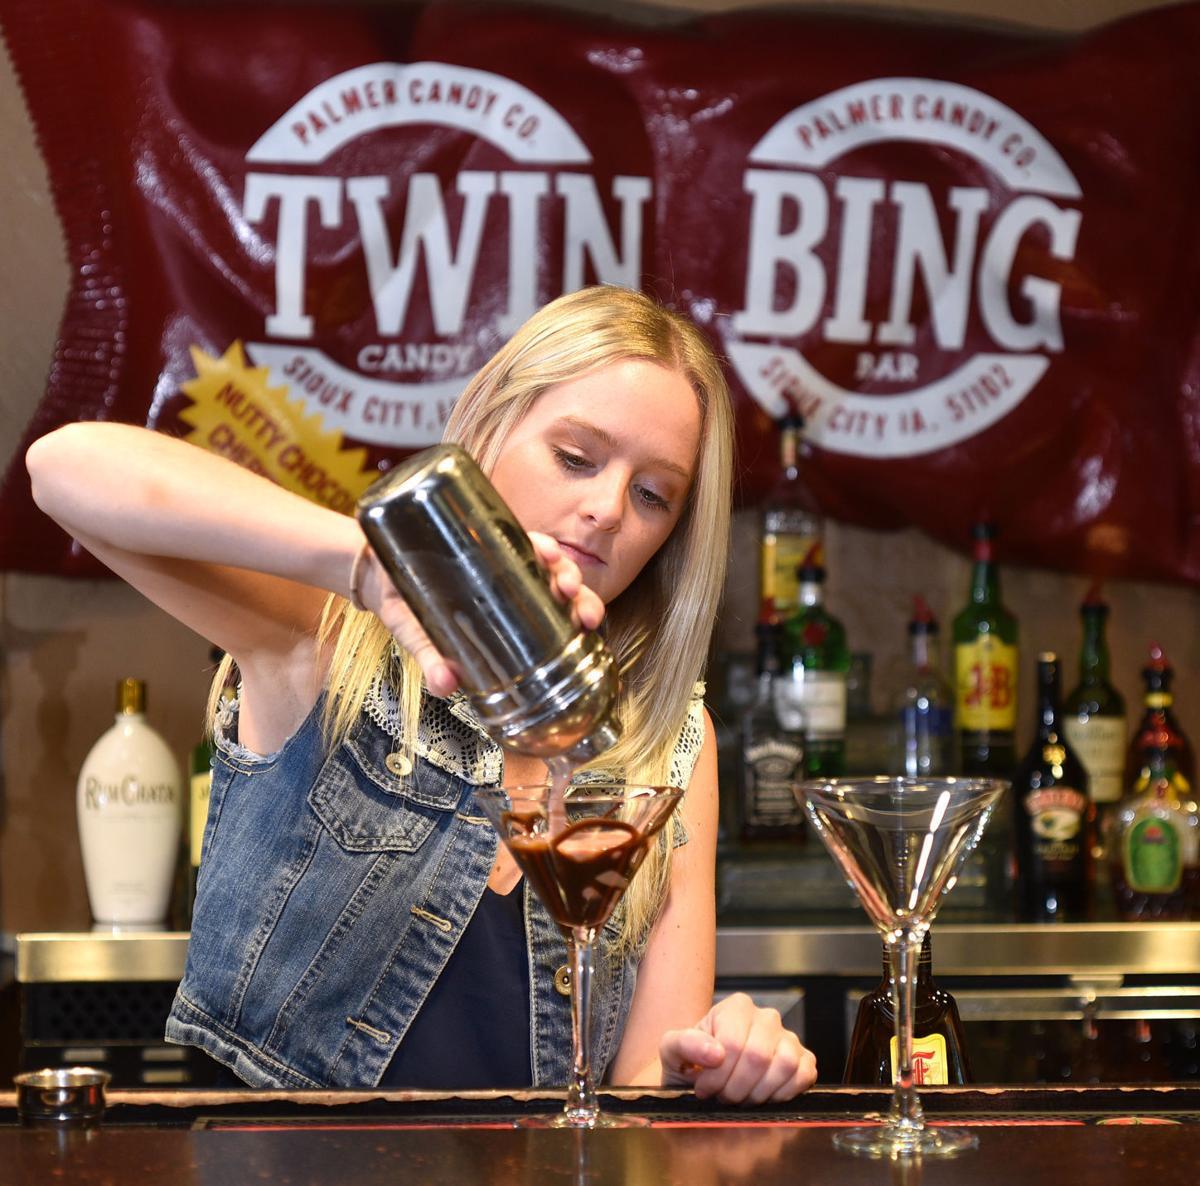 Twin Bing Martini